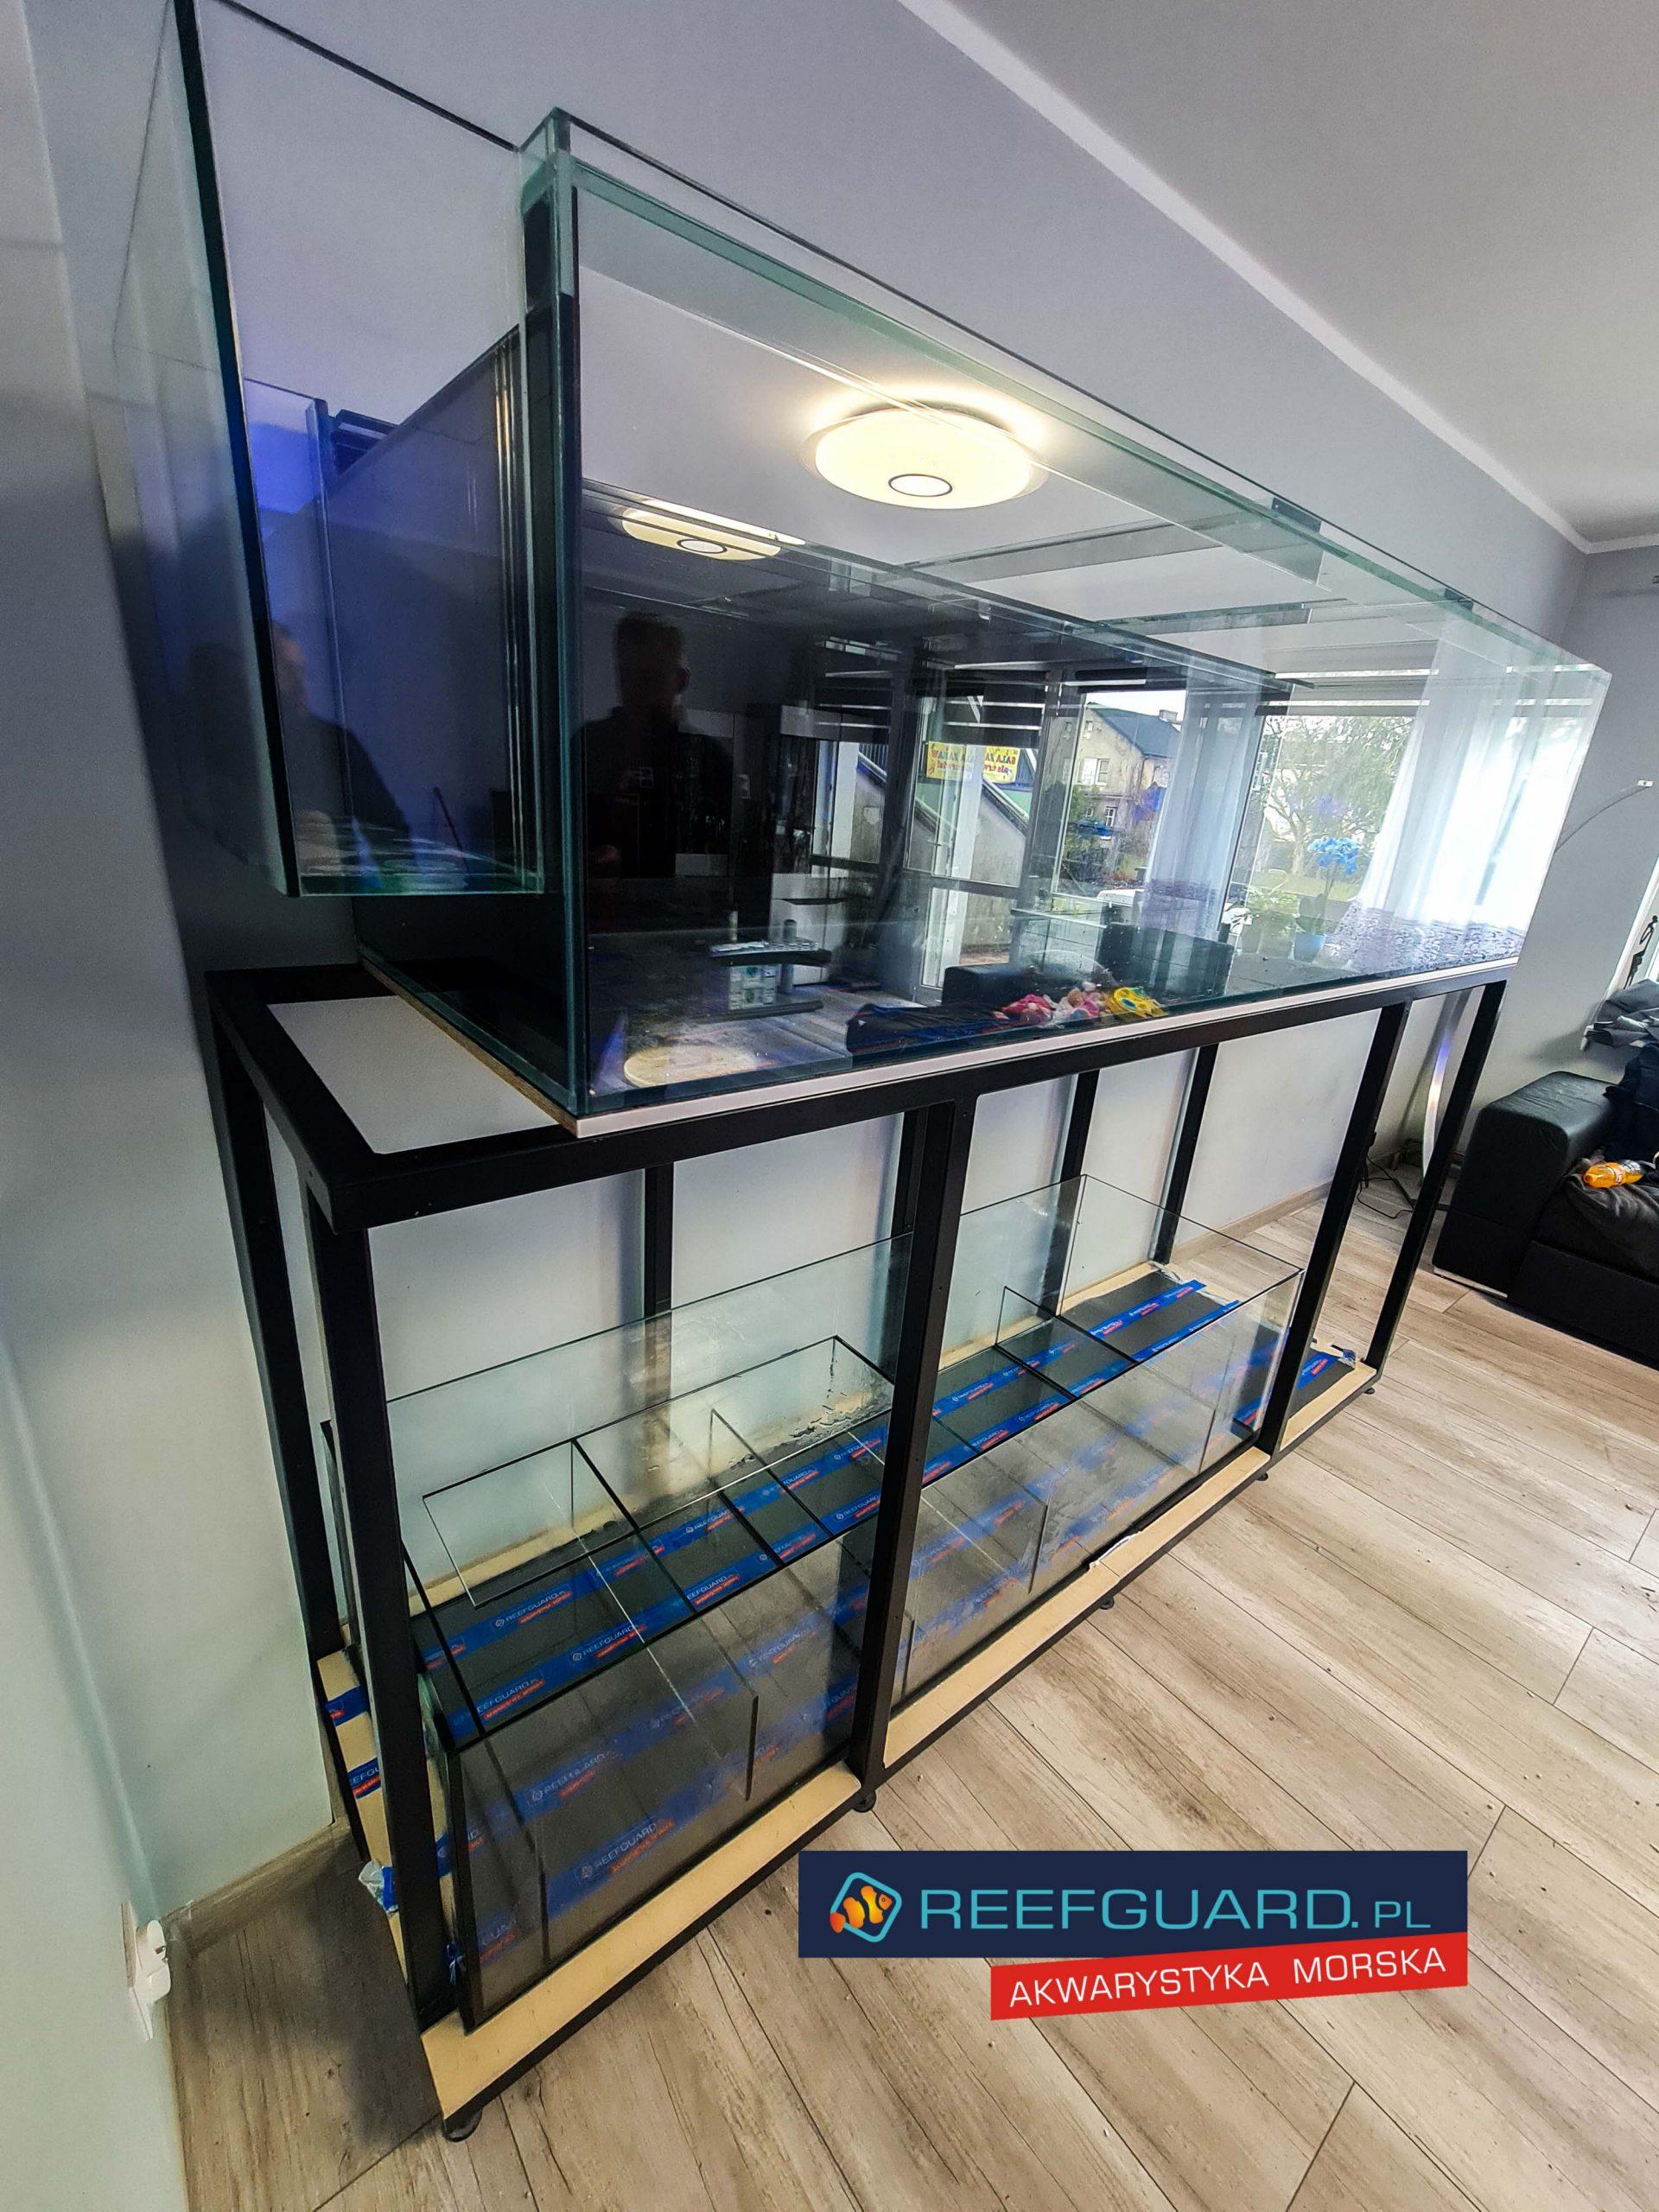 Najlepsze Akwarium Morskie Reefguard Scaled